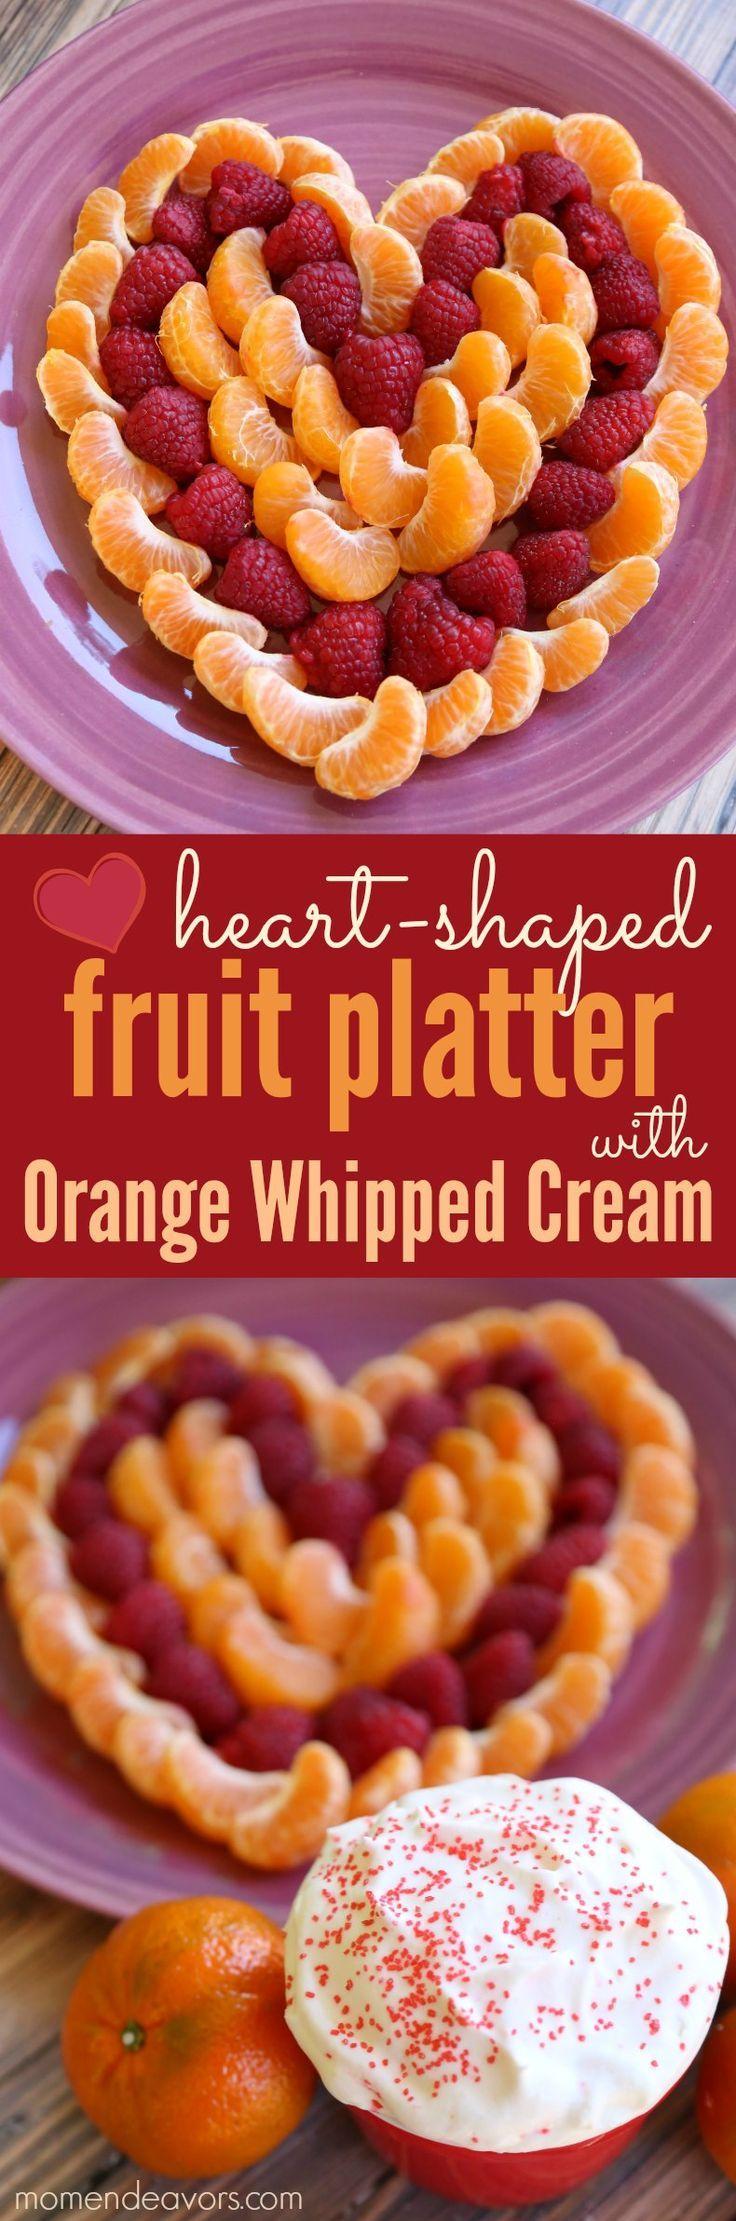 heart-shaped fruit platter with homemade orange whipped cream fruit ...